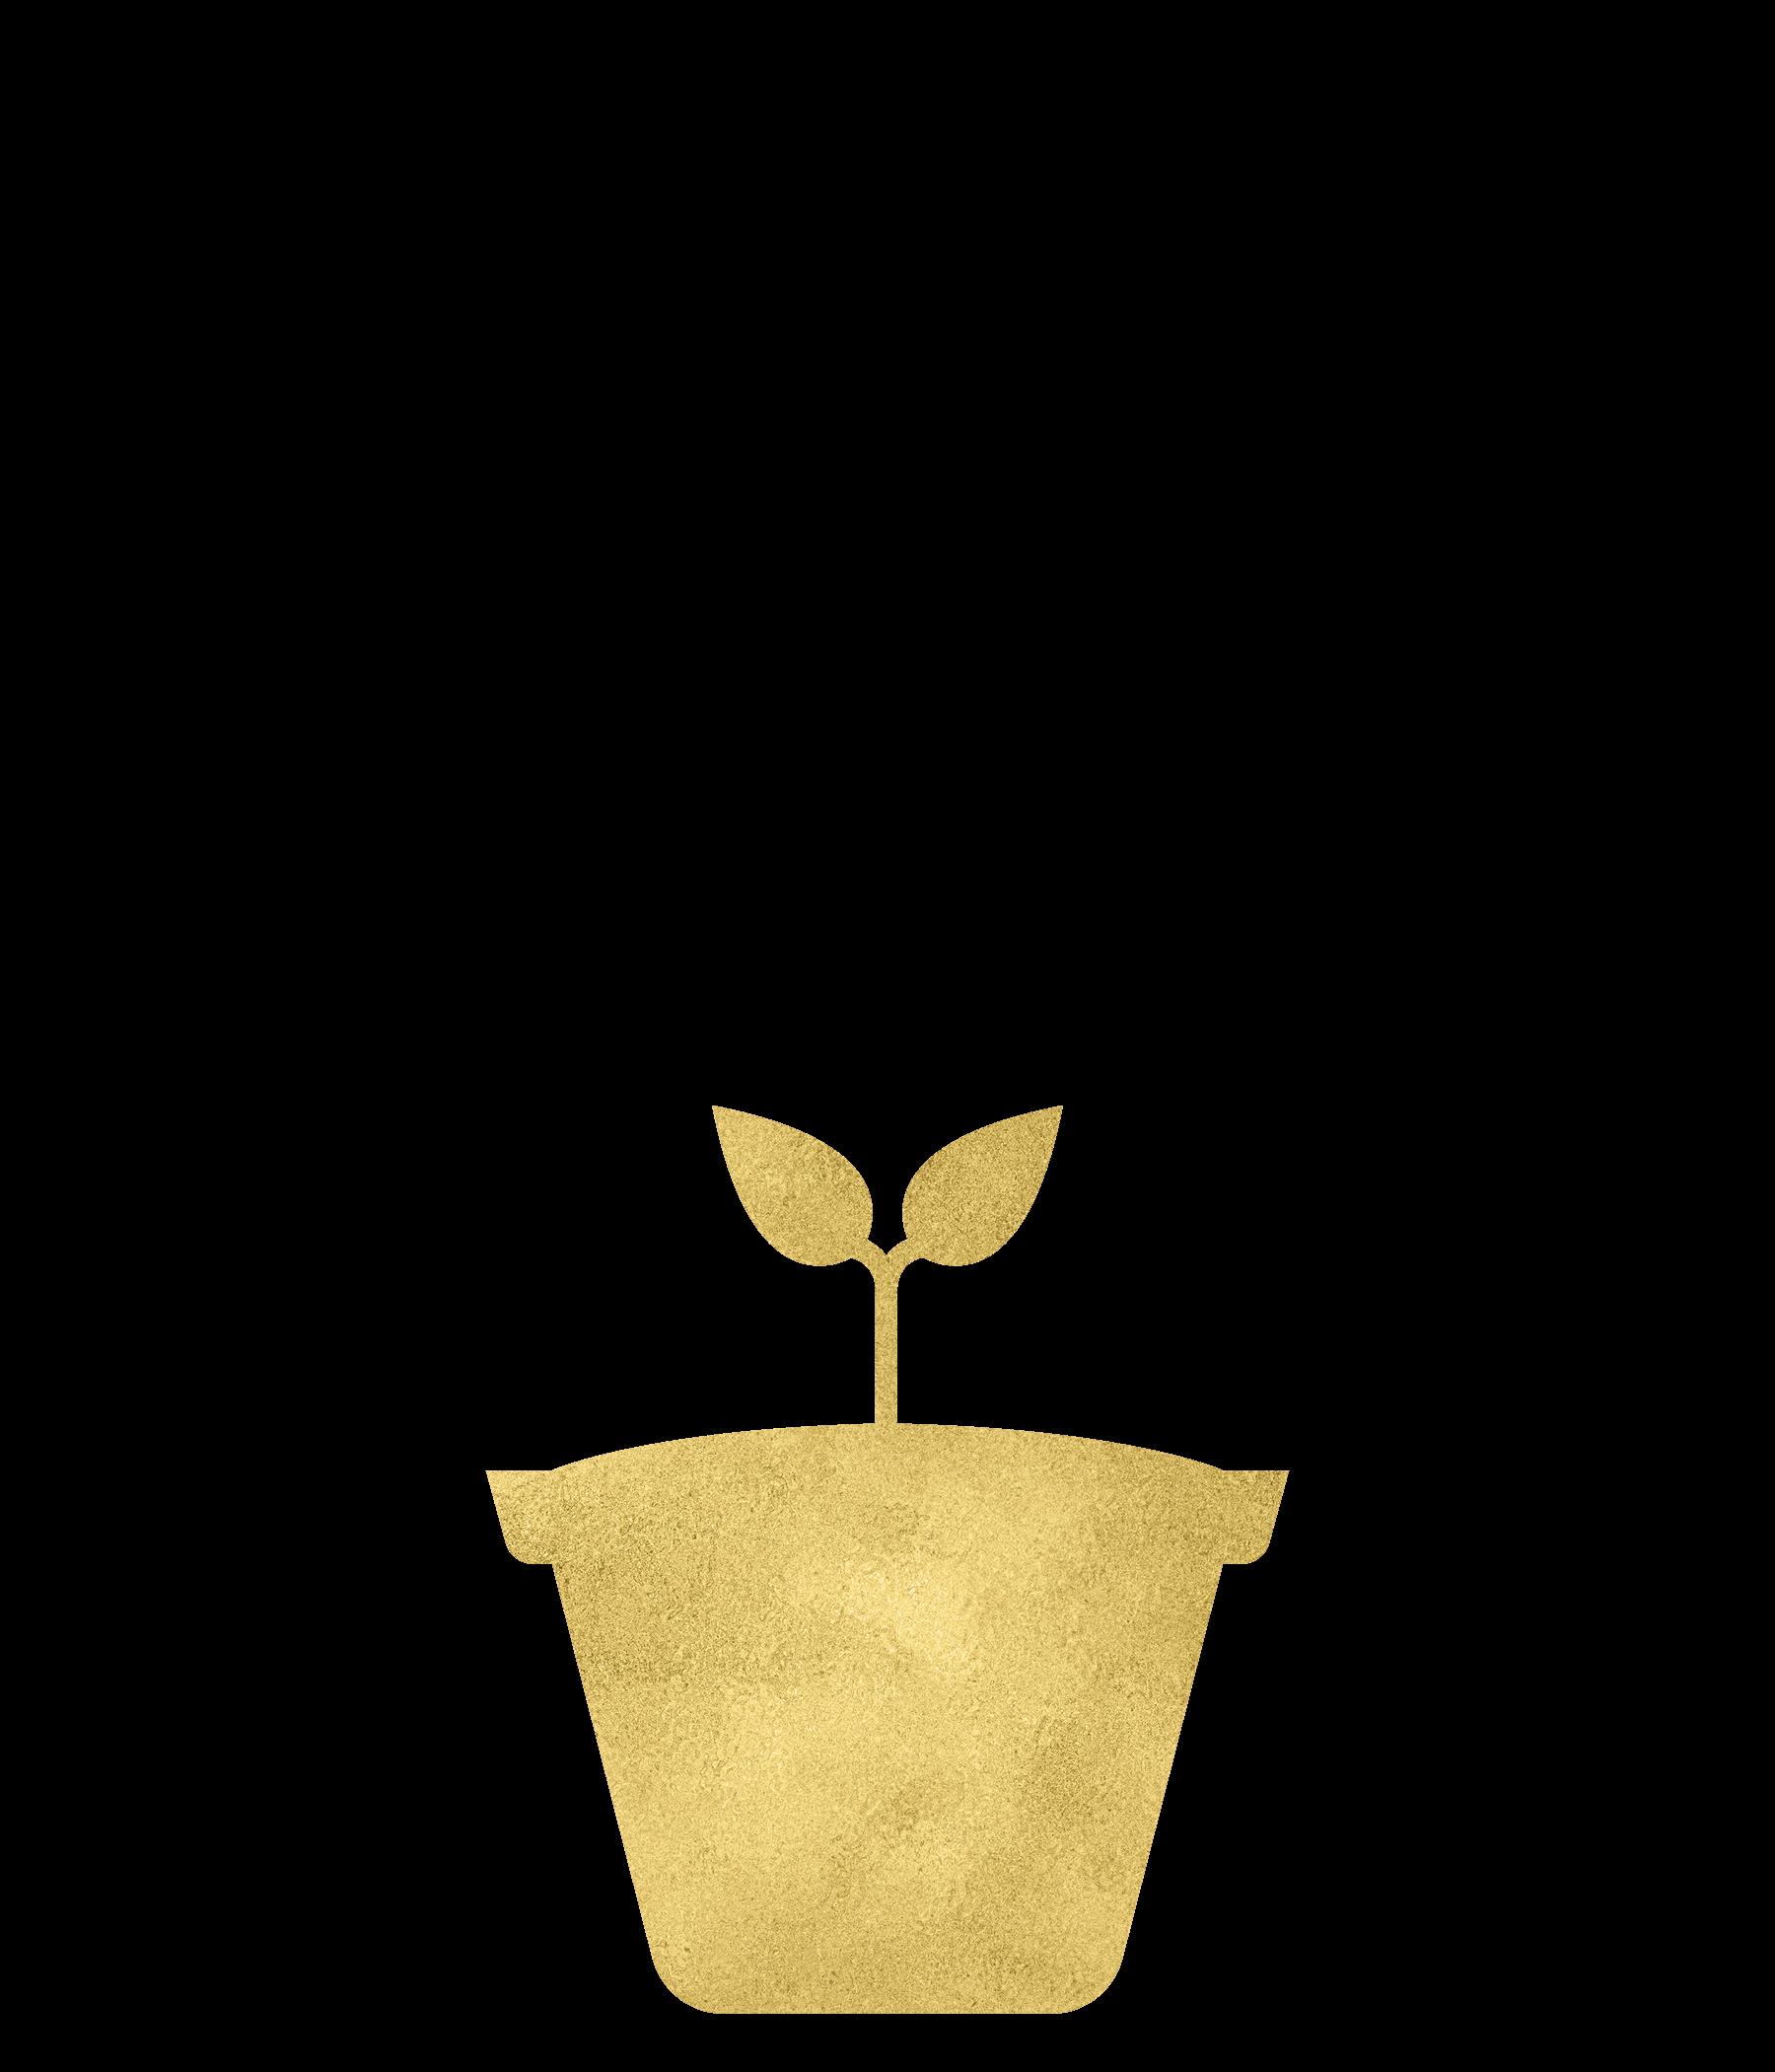 Gold Foil Plant-06.png